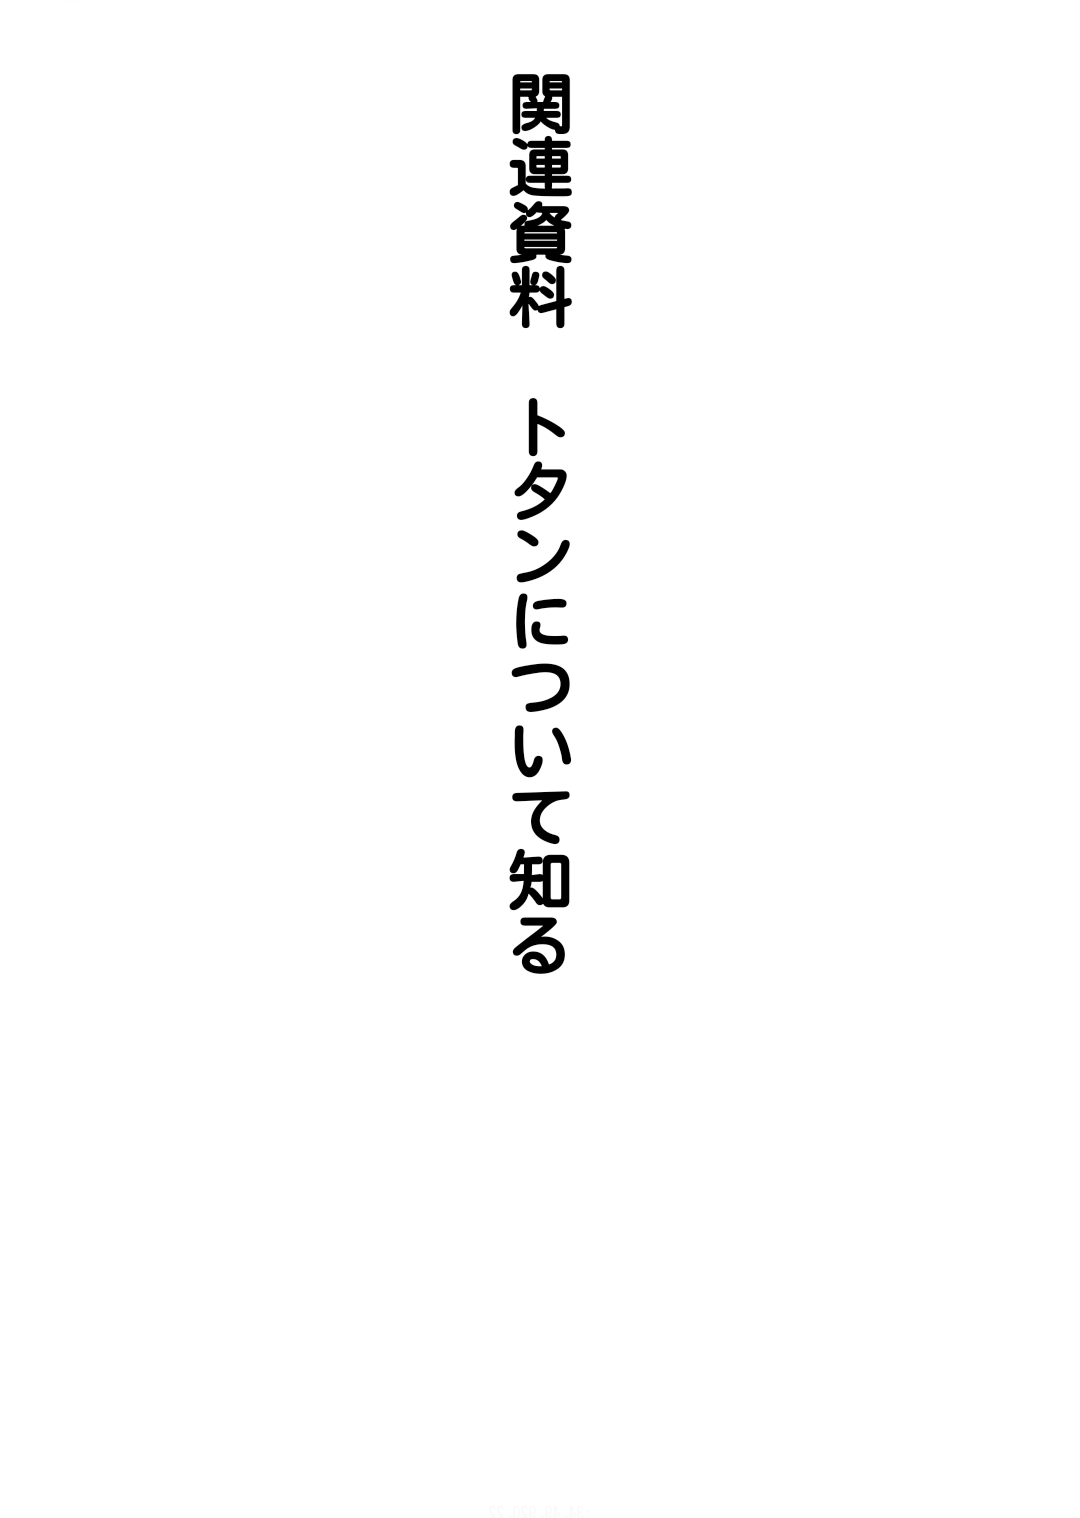 アクリル淡彩で描く トタン屋根の風景(リフロー版)